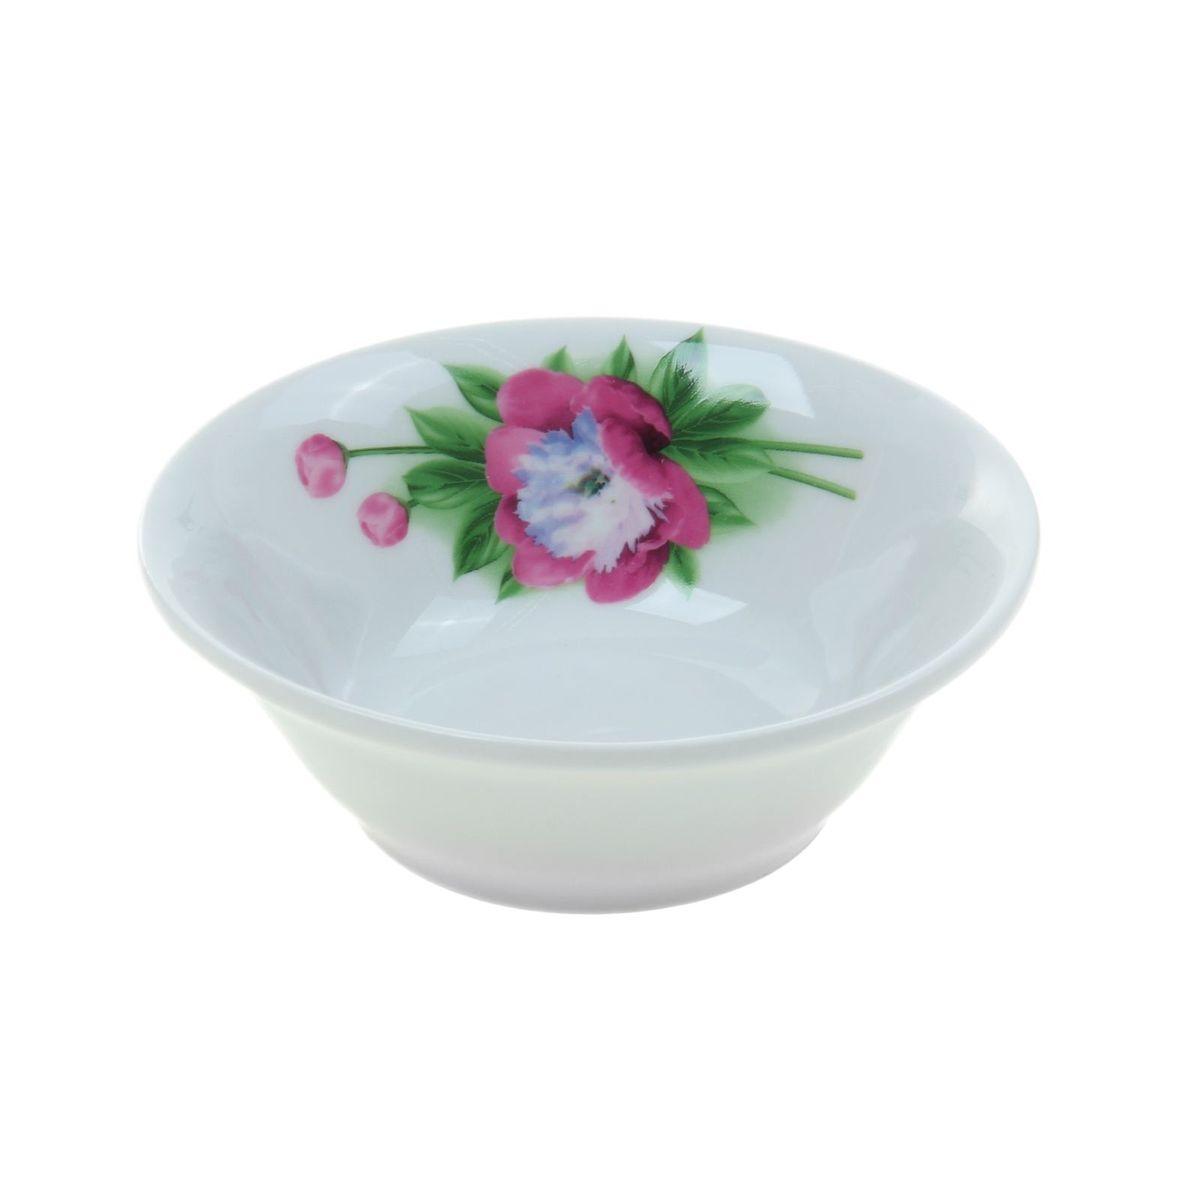 Салатник Идиллия. Пион, 360 мл1035451Элегантный салатник Идиллия. Пион, изготовленный из высококачественного фарфора с глазурованным покрытием, прекрасно подойдет для подачи различных блюд: закусок, салатов или фруктов. Такой салатник украсит ваш праздничный или обеденный стол, а элегантный внешний вид понравится любой хозяйке. Диаметр салатника (по верхнему краю): 14 см. Высота салатника: 4,5 см.